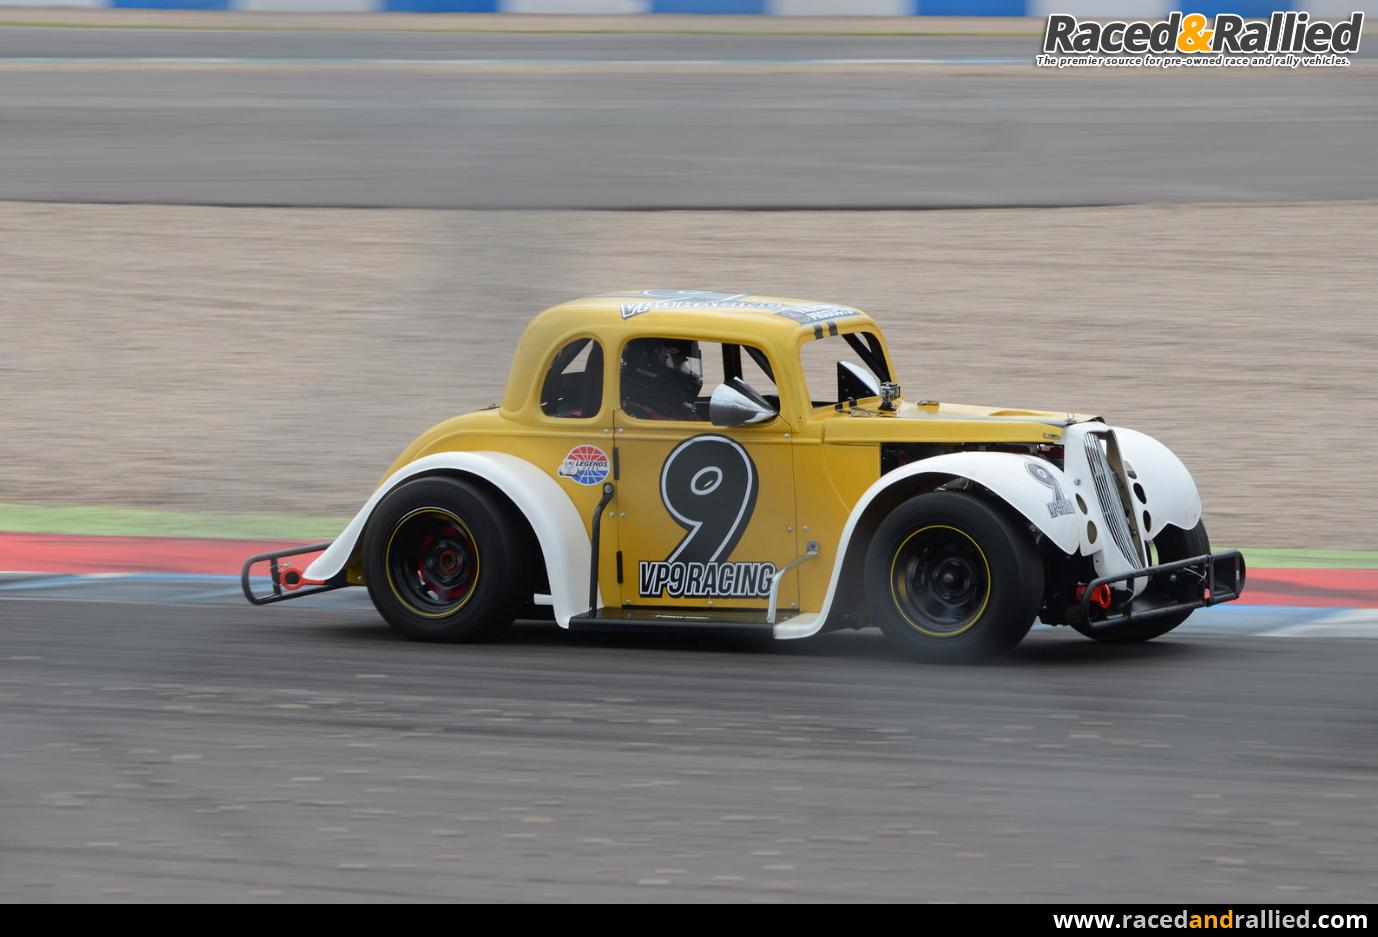 Vintage Race Cars For Sale >> Multiple Championship winning Legends Race Car Complete Set Up Including Tilt Bed Trailer. Stock ...